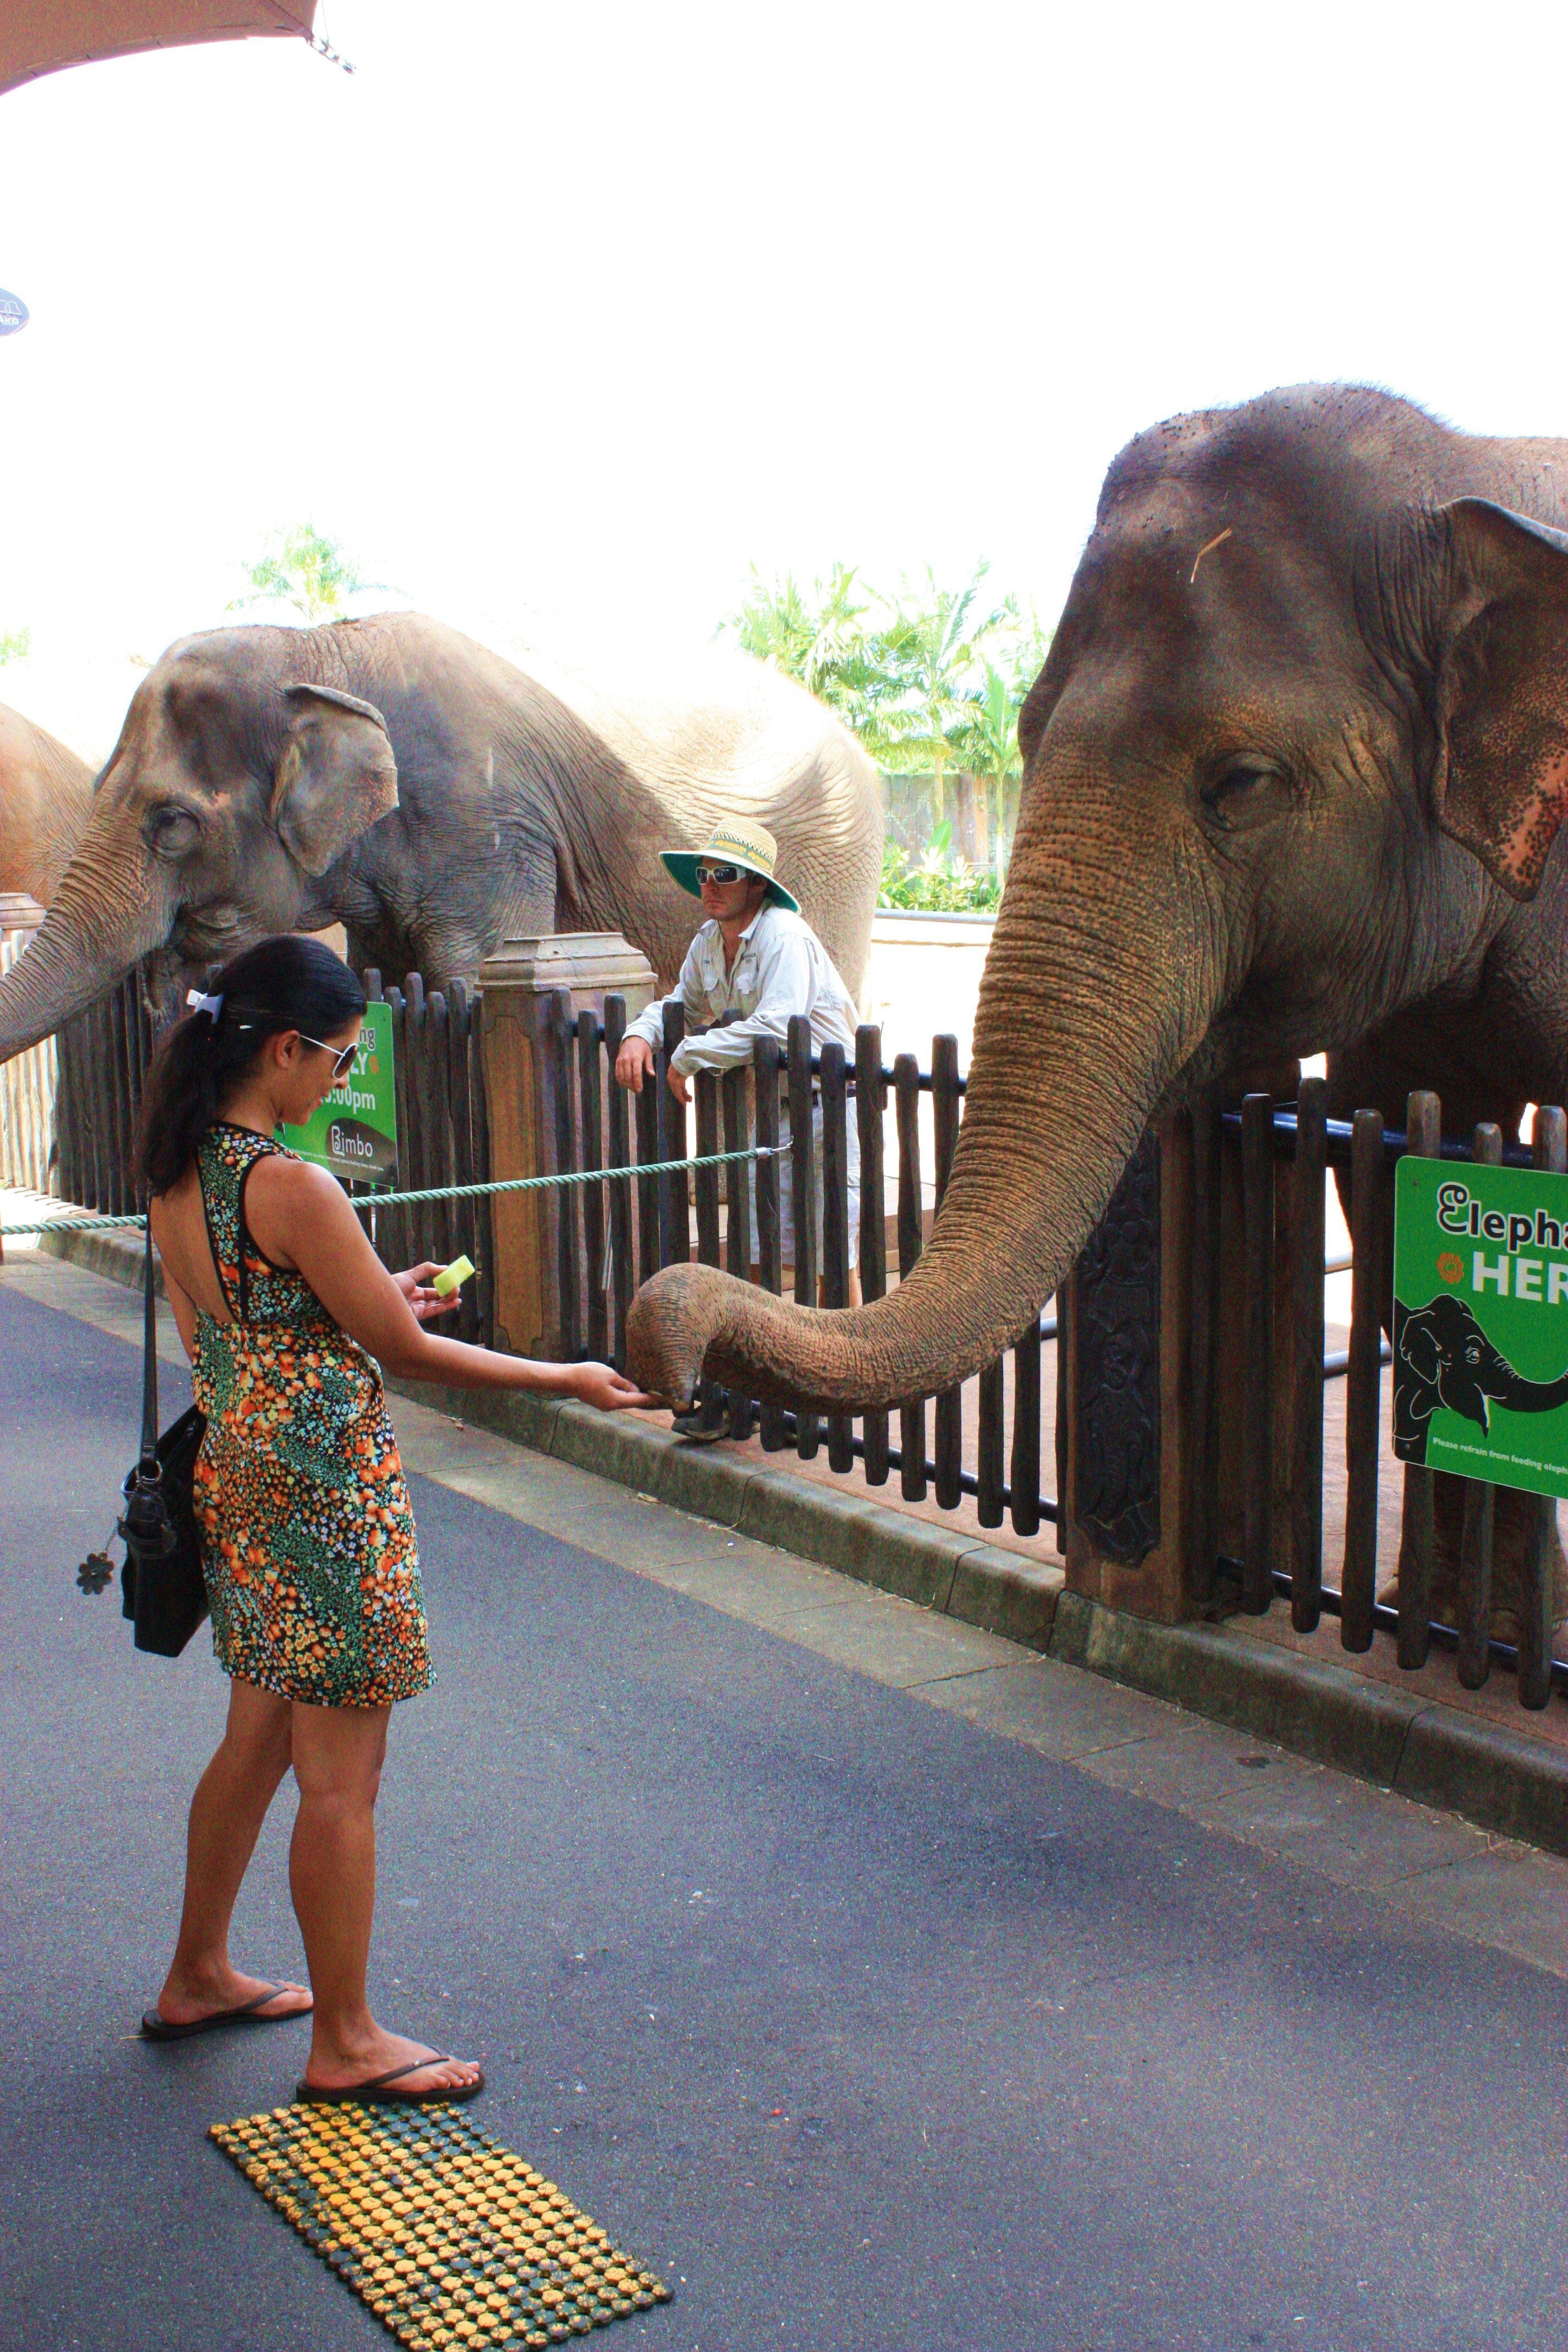 Steve Irwin Zoo, Queensland, Australia. I'm not a big fan